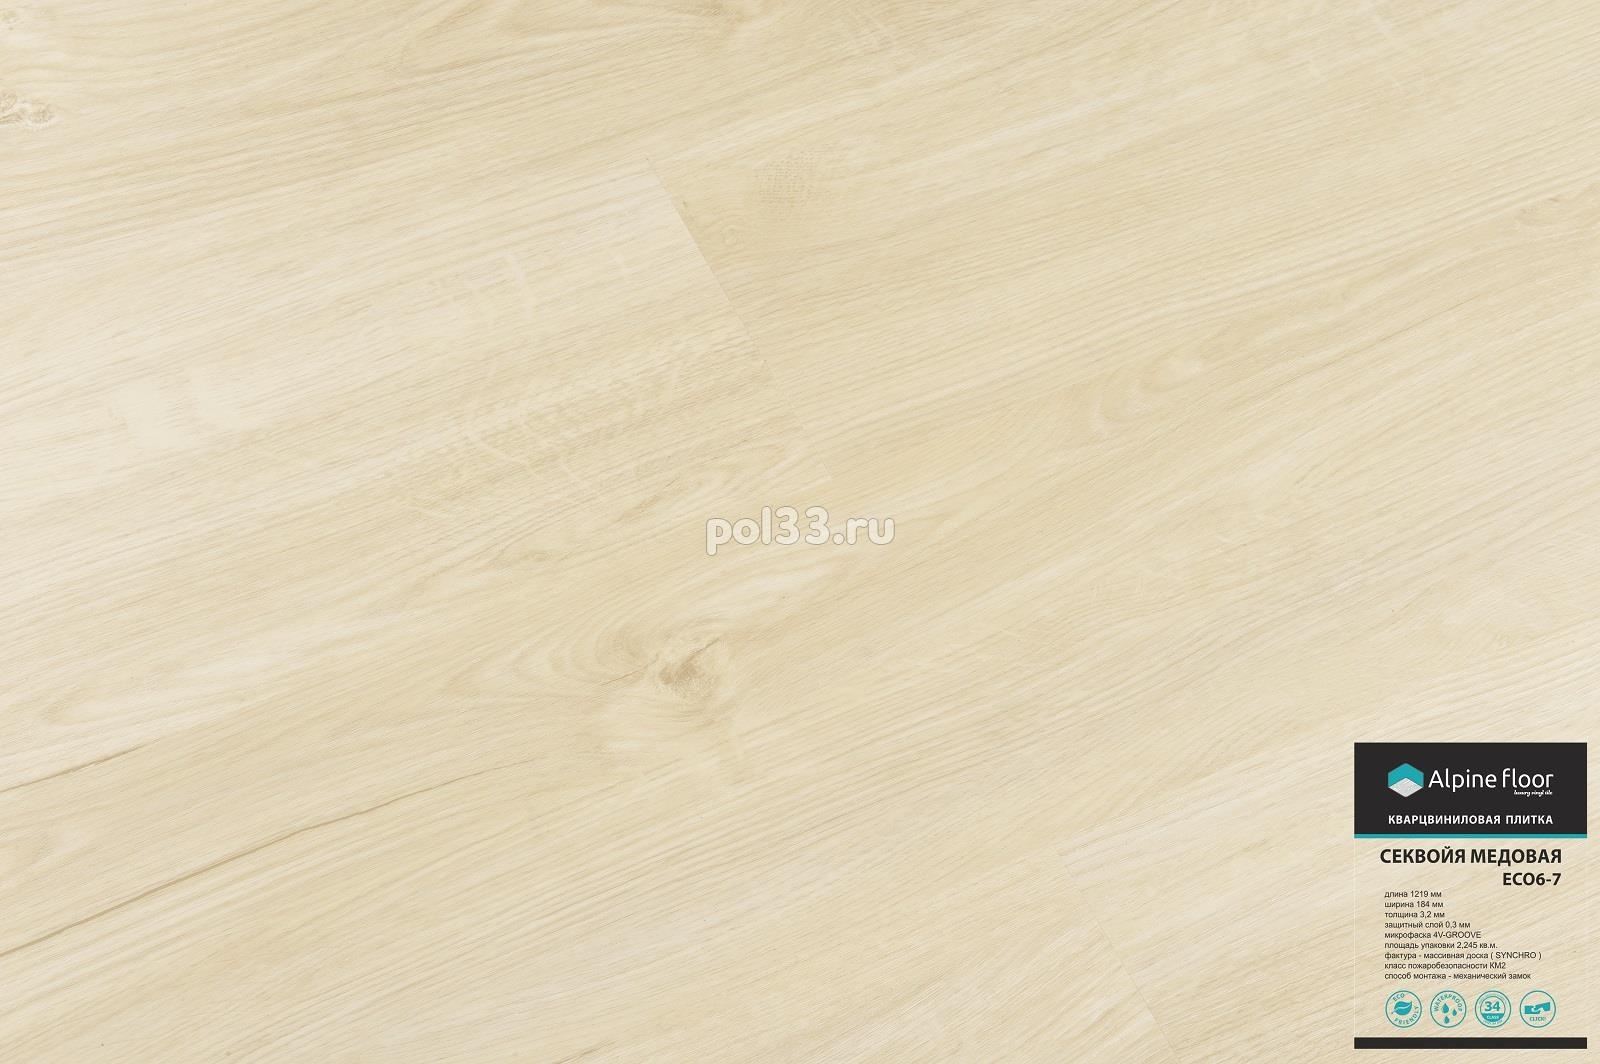 Виниловые полы AlpineFloor коллекция Sequoia ECO6-7 Honey купить в Калуге по низкой цене